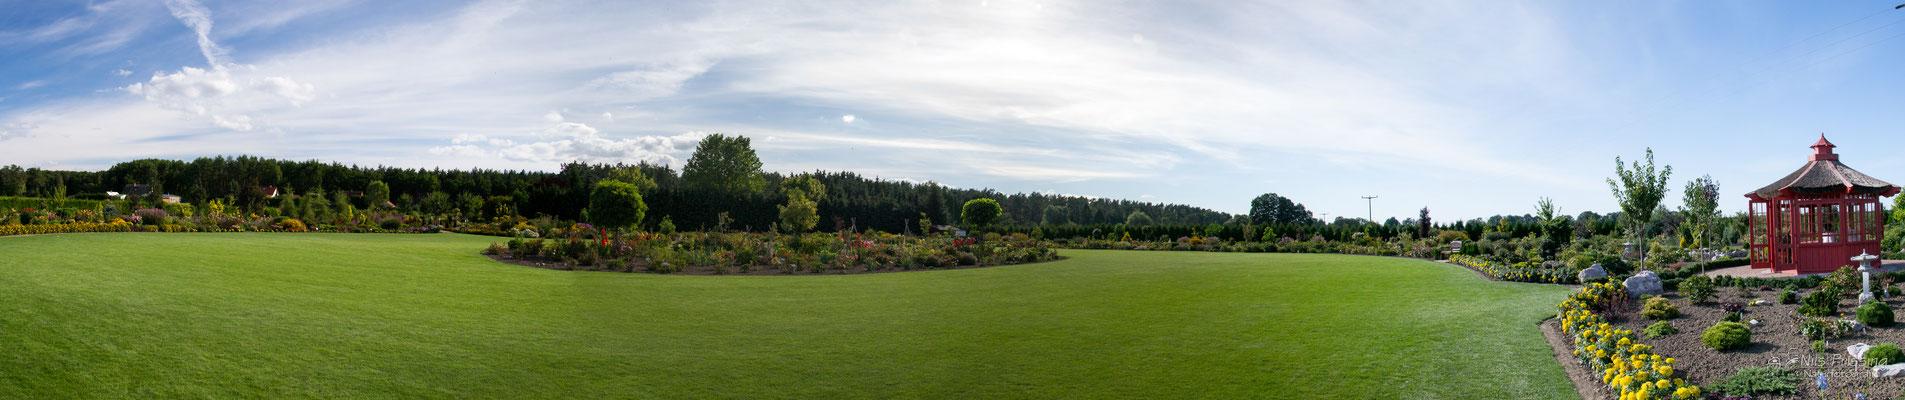 Botanischer Garten Christiansberg